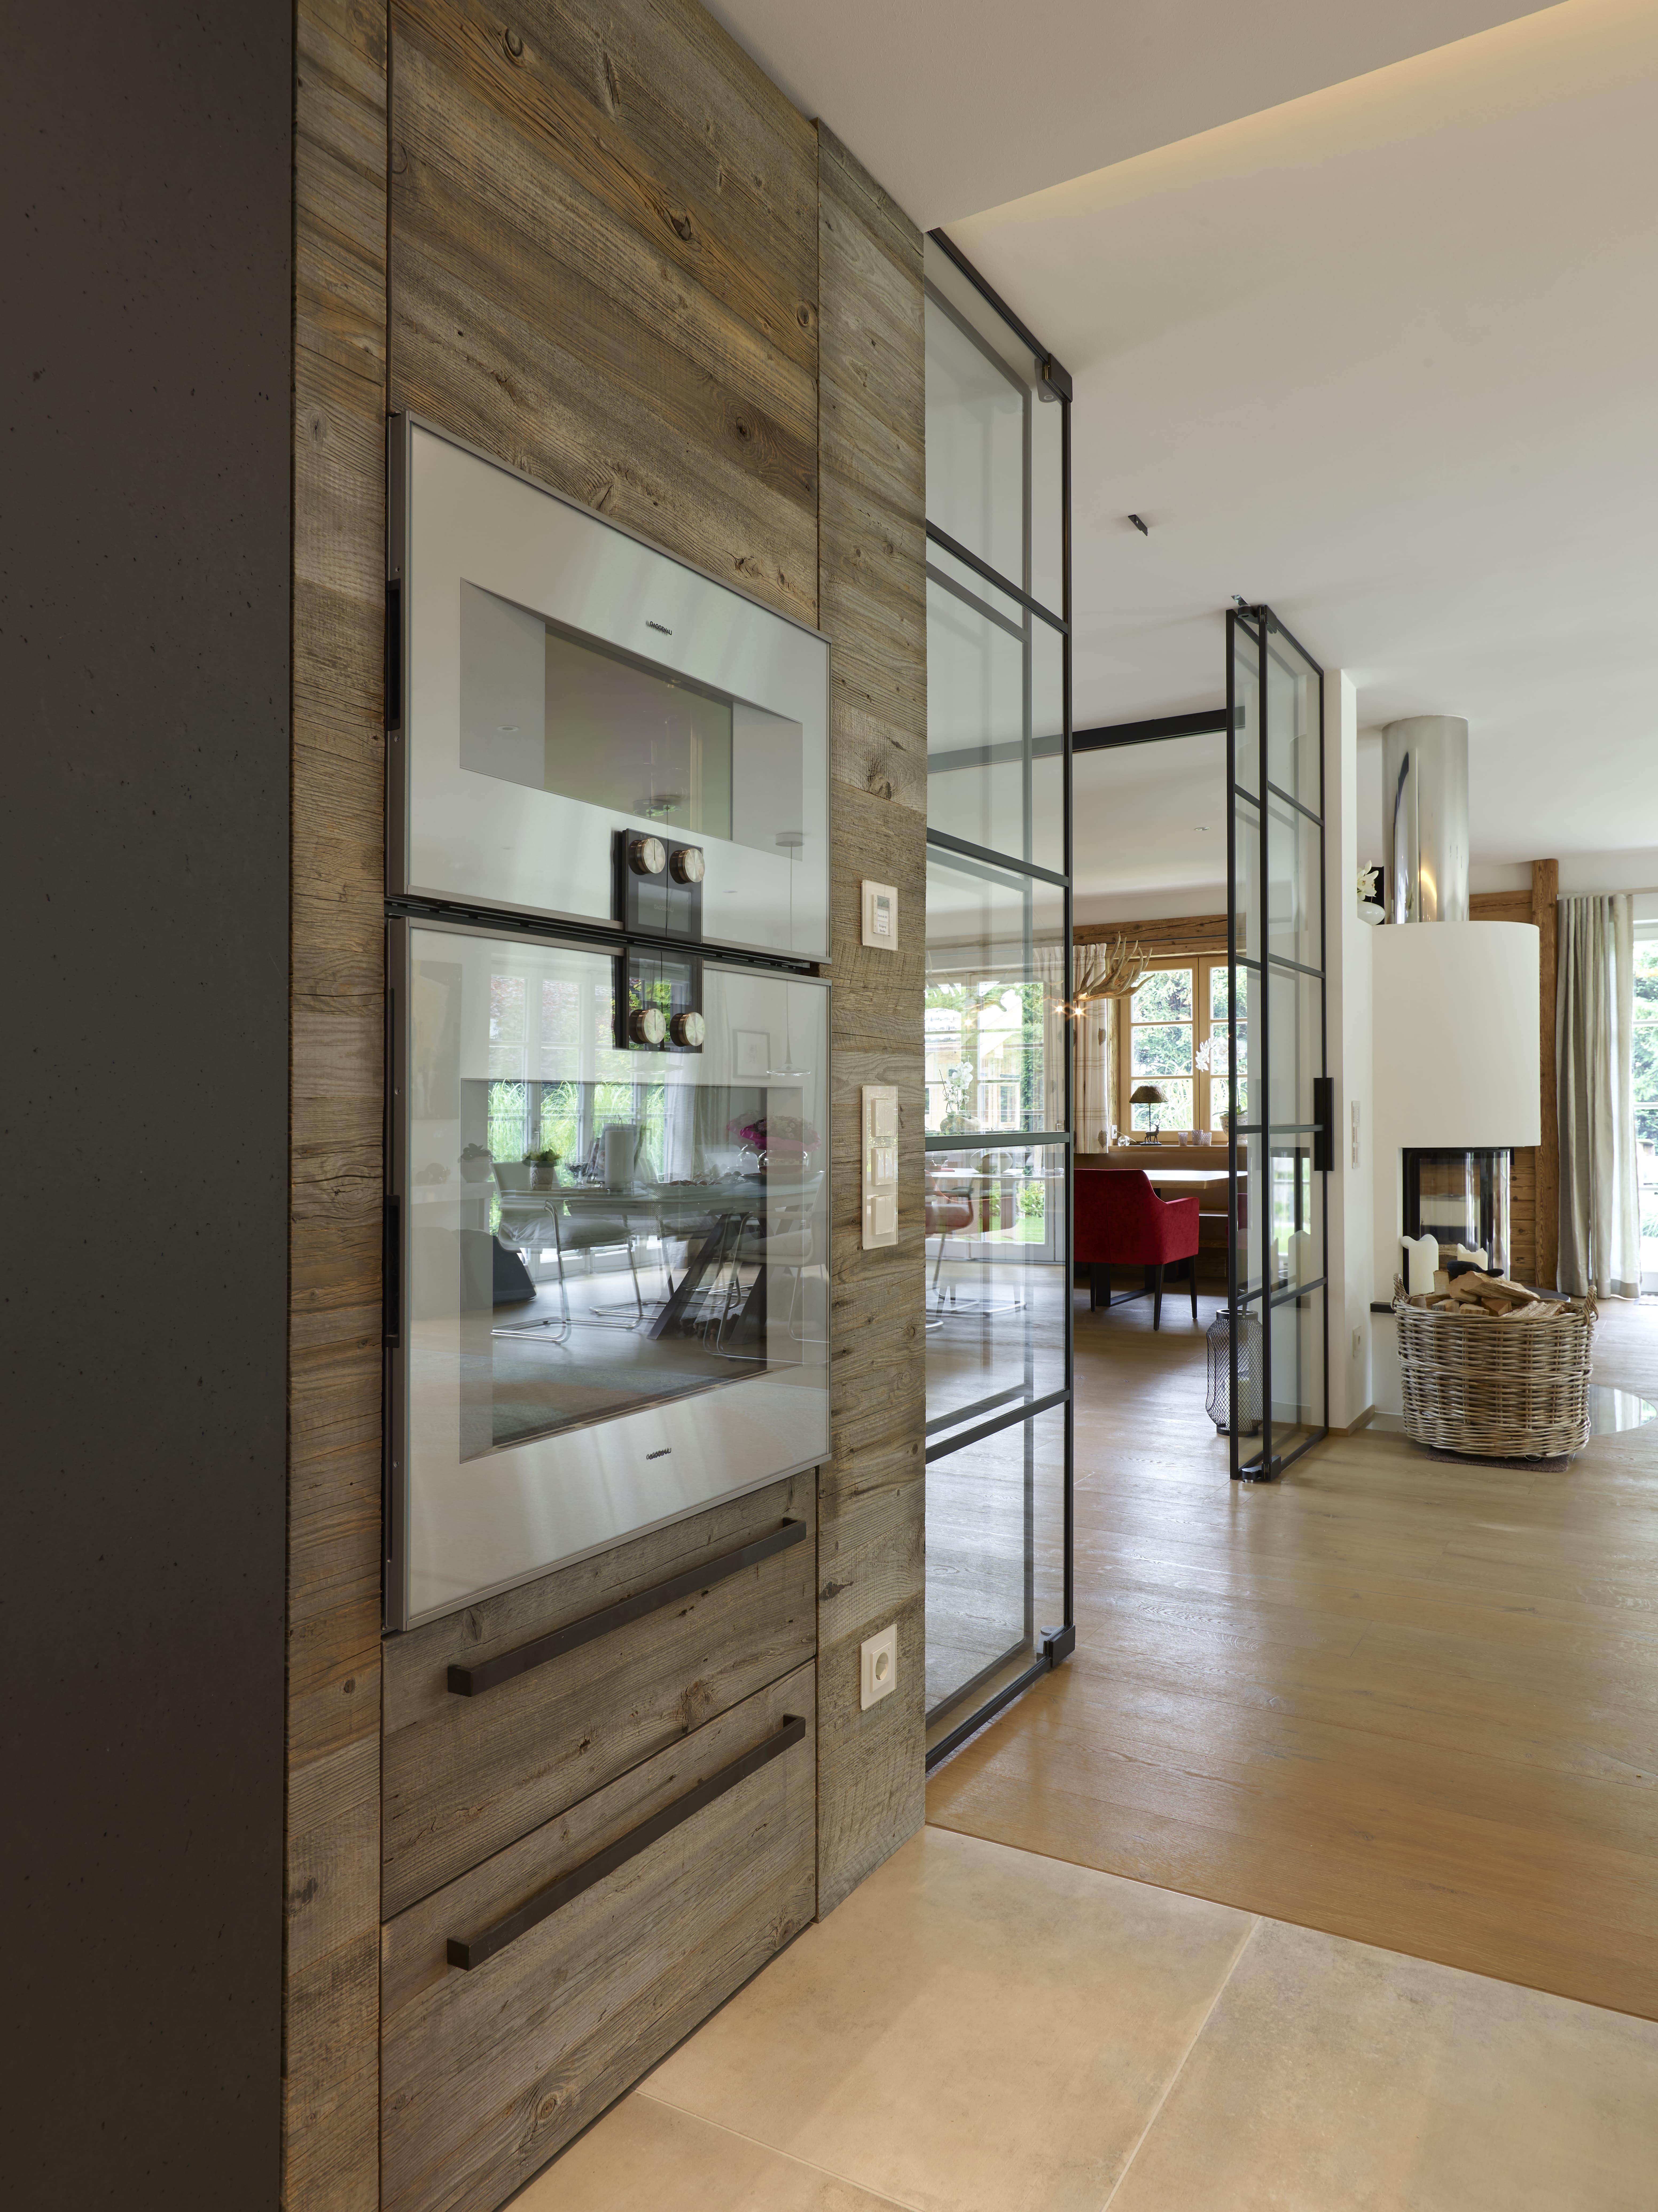 Luxusküche mit Einbaugeräten und Holz